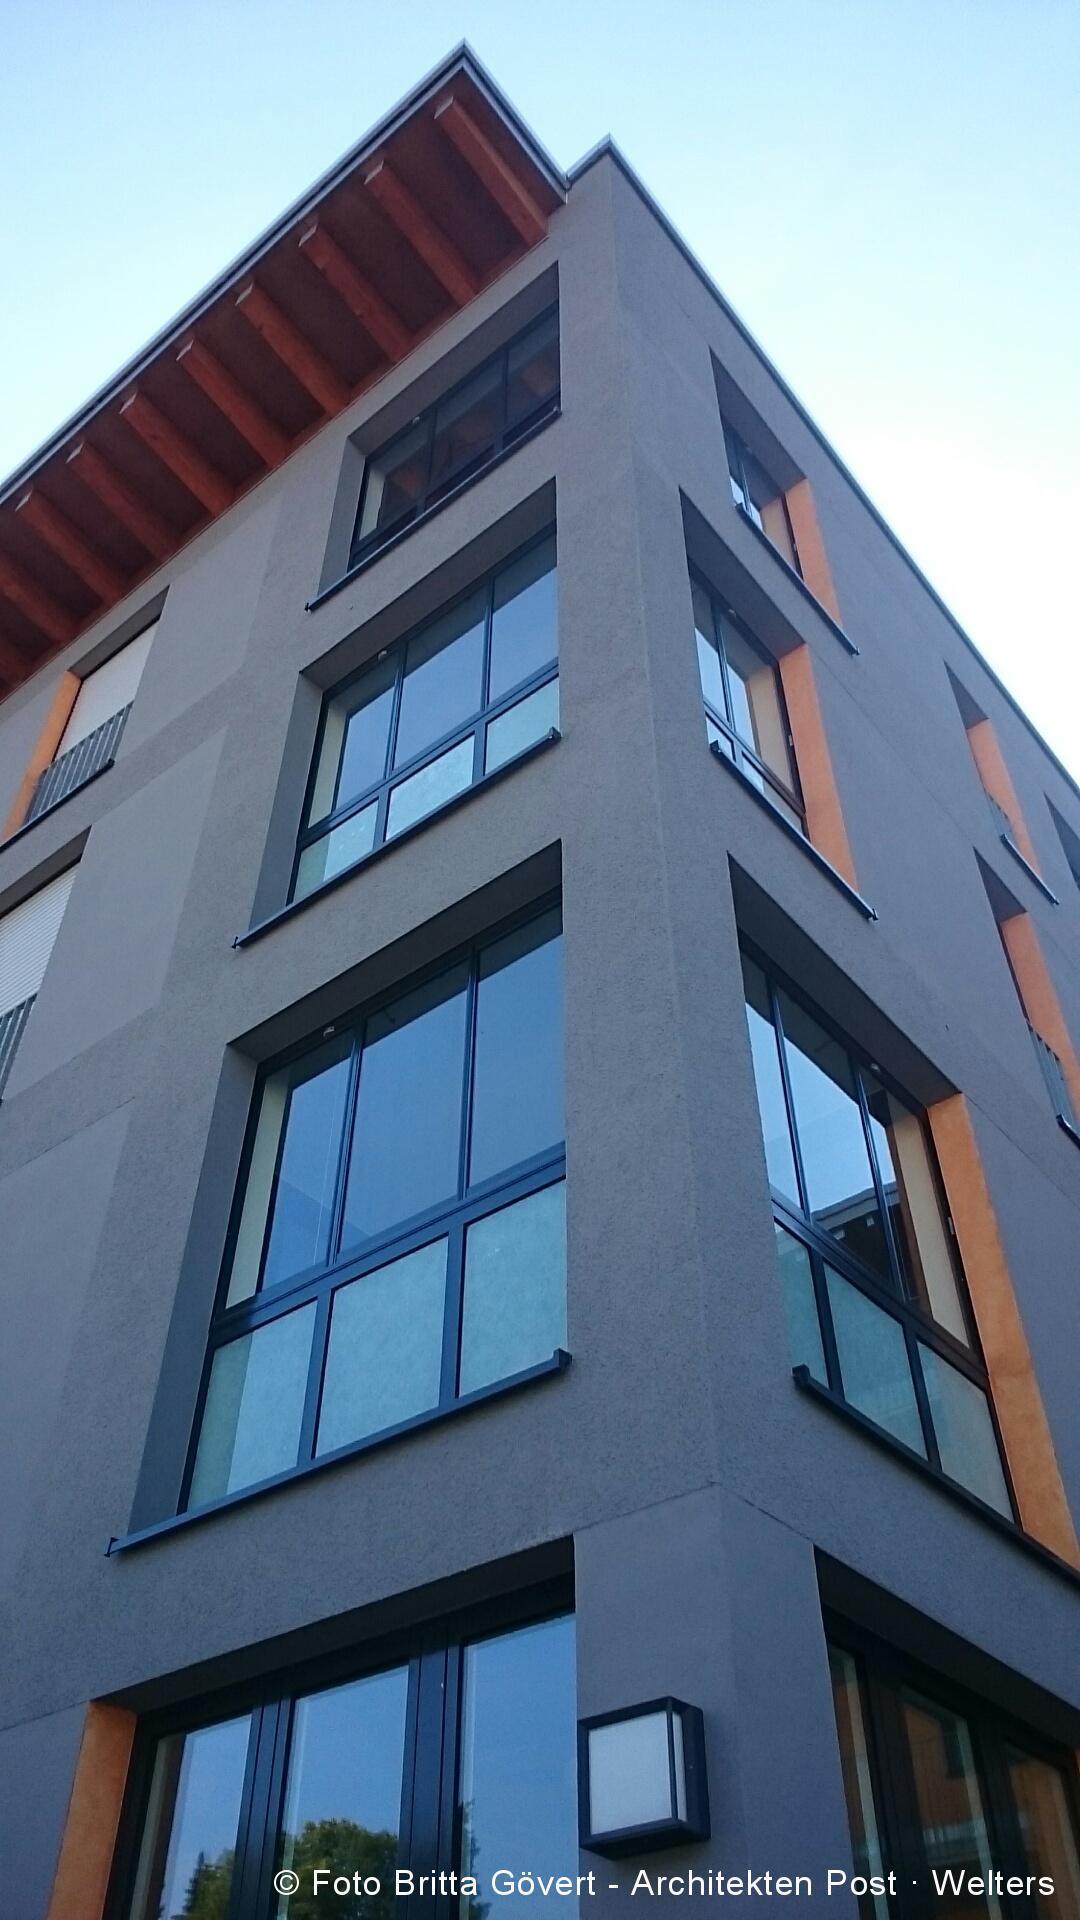 Architekt Herdecke architekt herdecke haus uec herdecke germany ralf hippenstiel